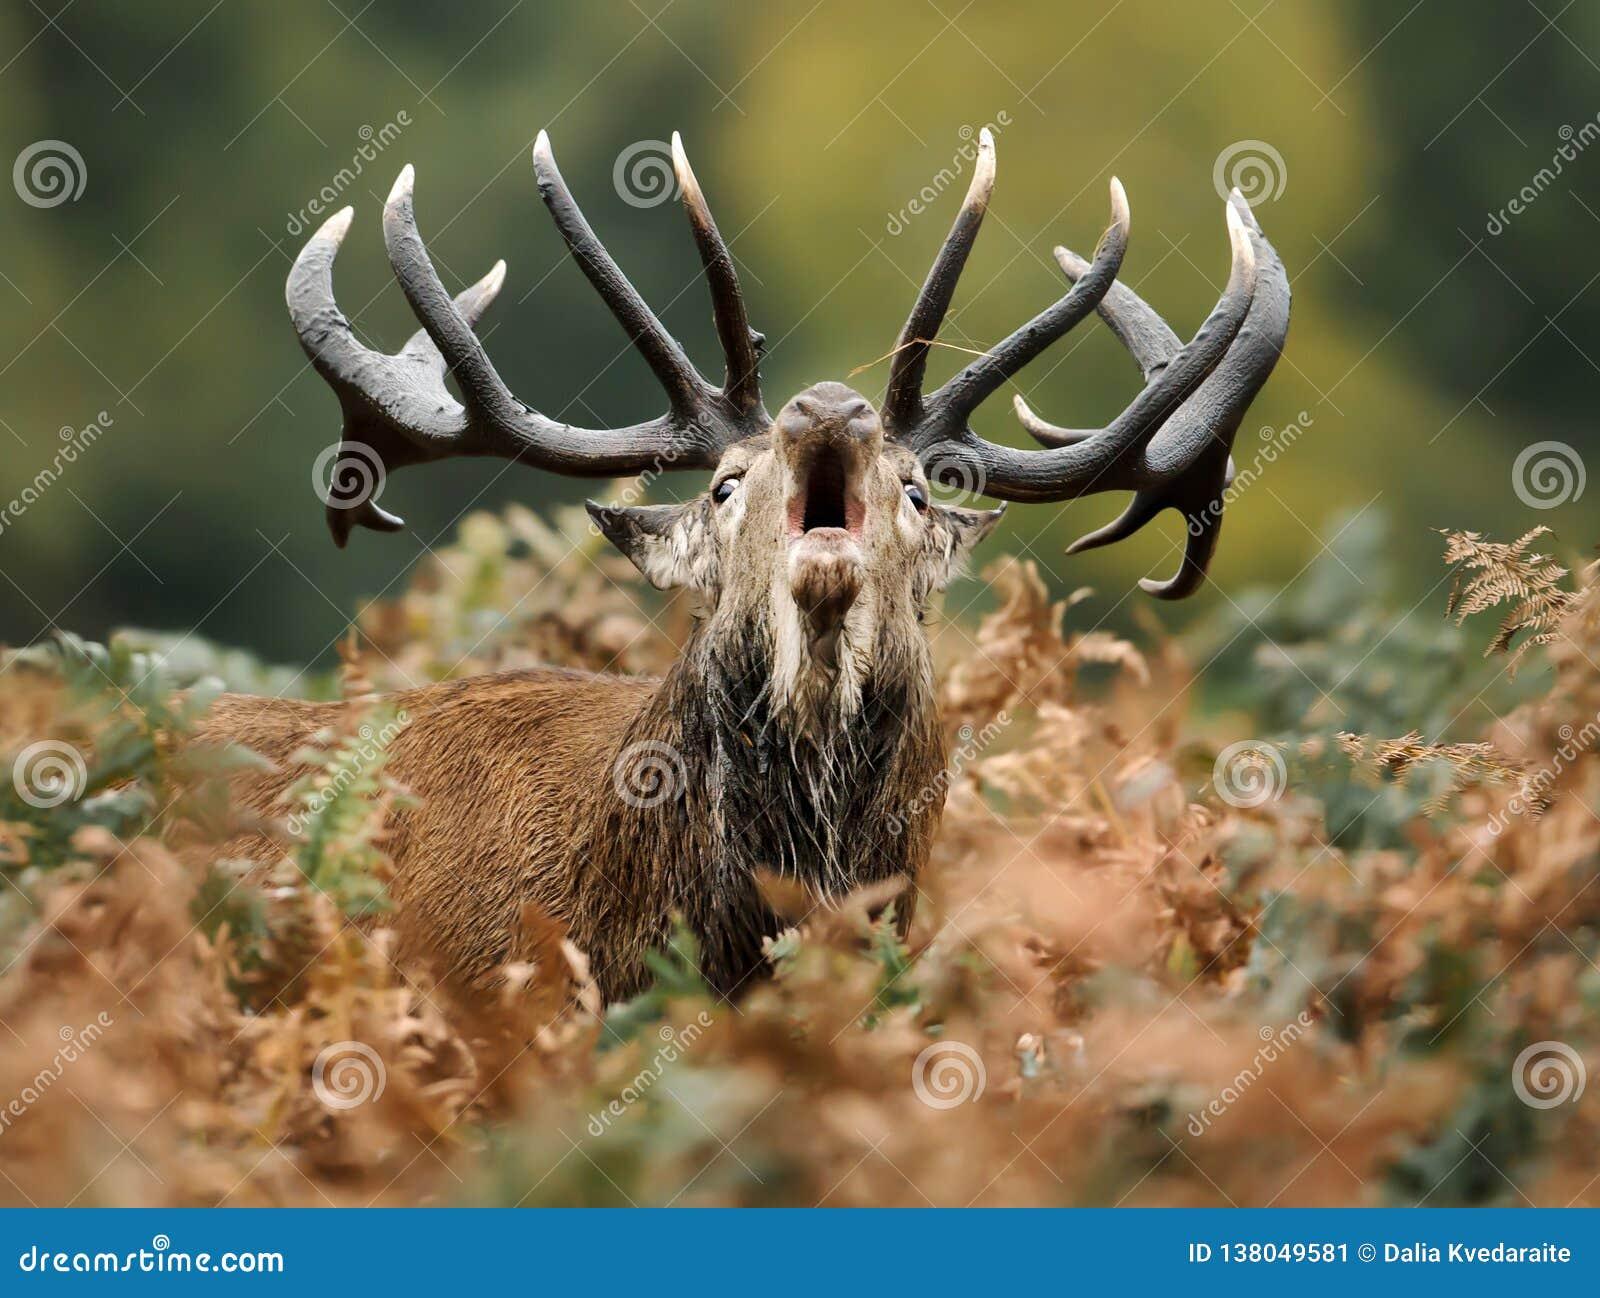 Närbild av en röd hjort som vrålar under brunst